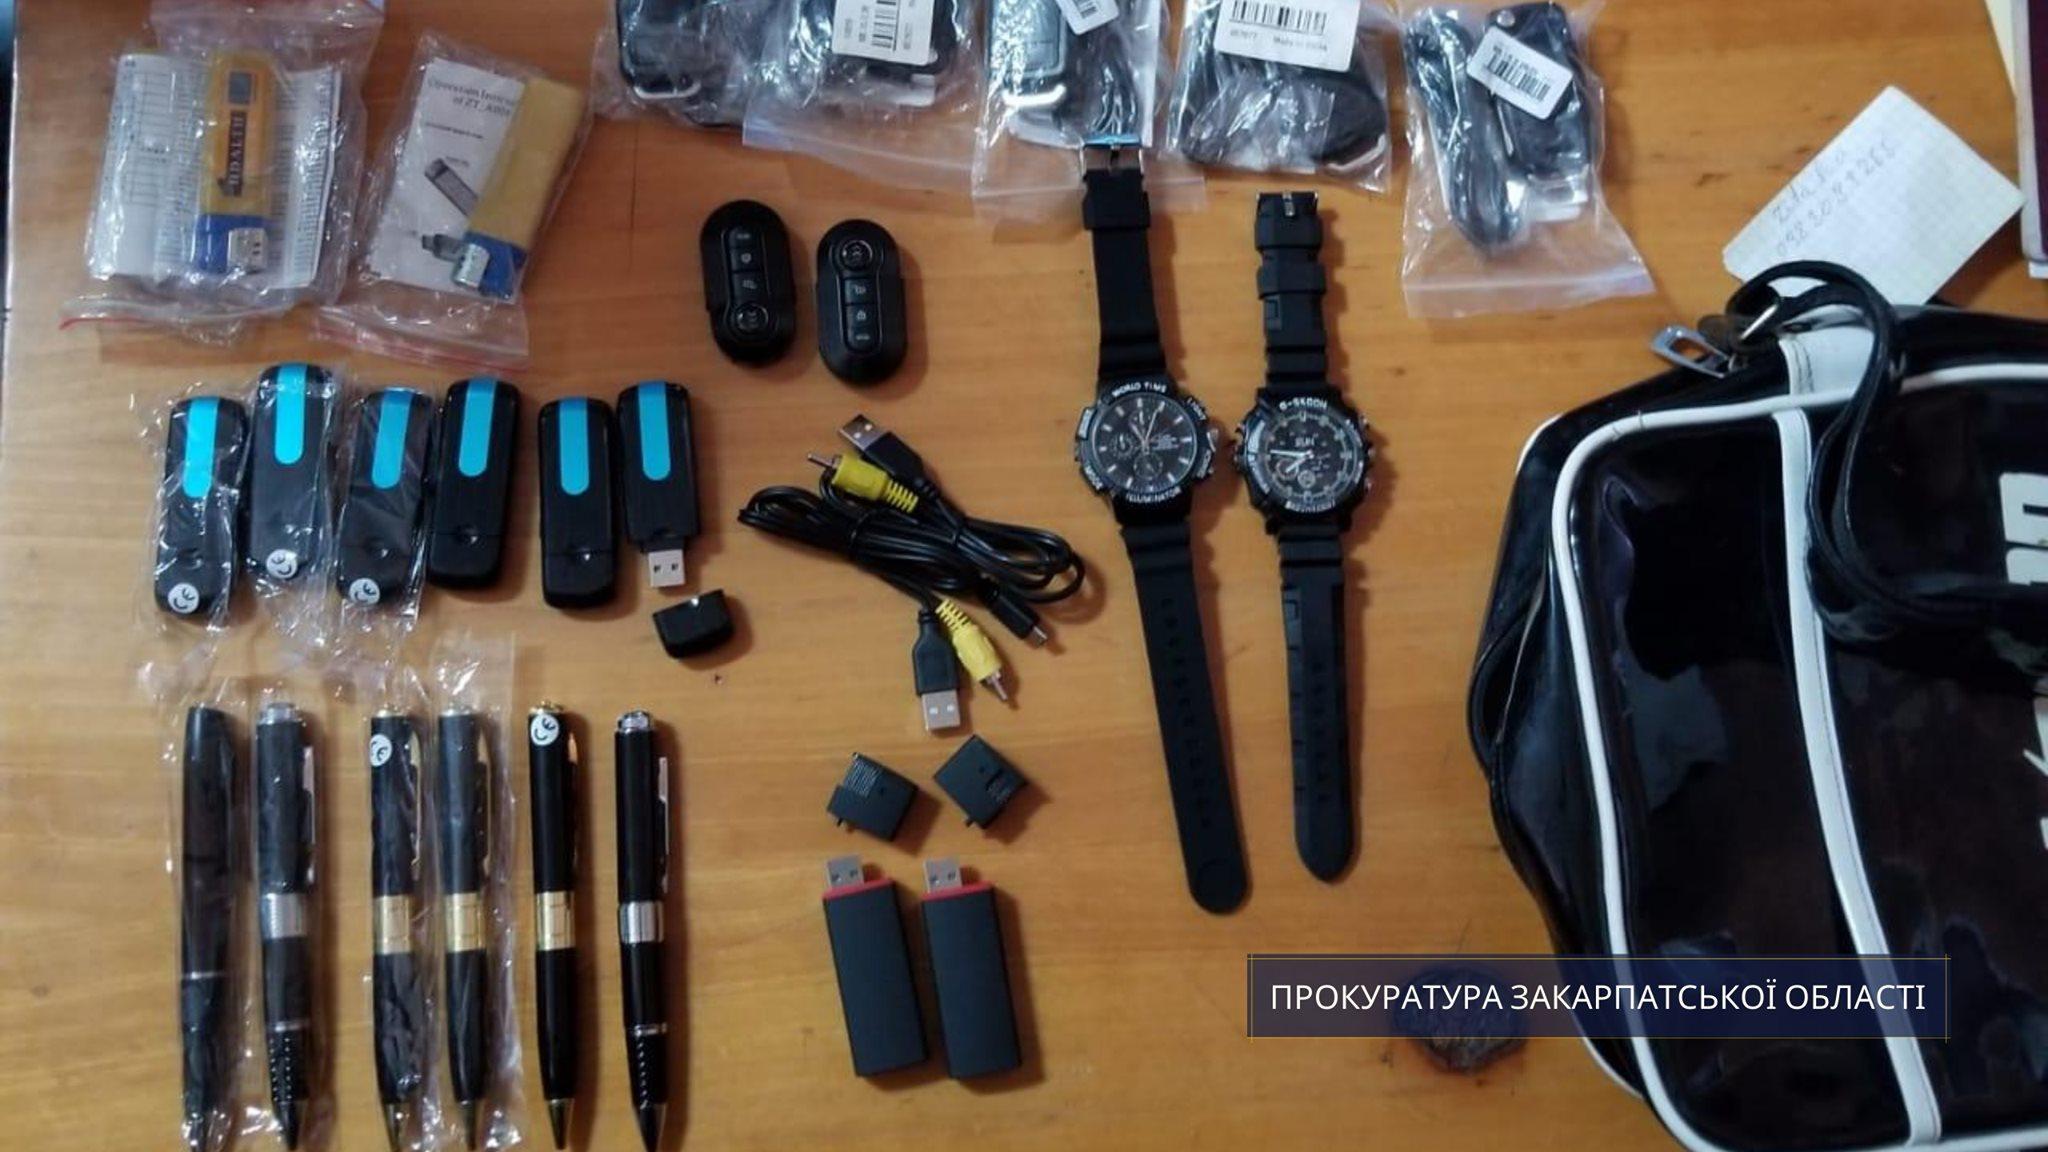 Чоловік намагався ввезти в Україну предмети для шпигування